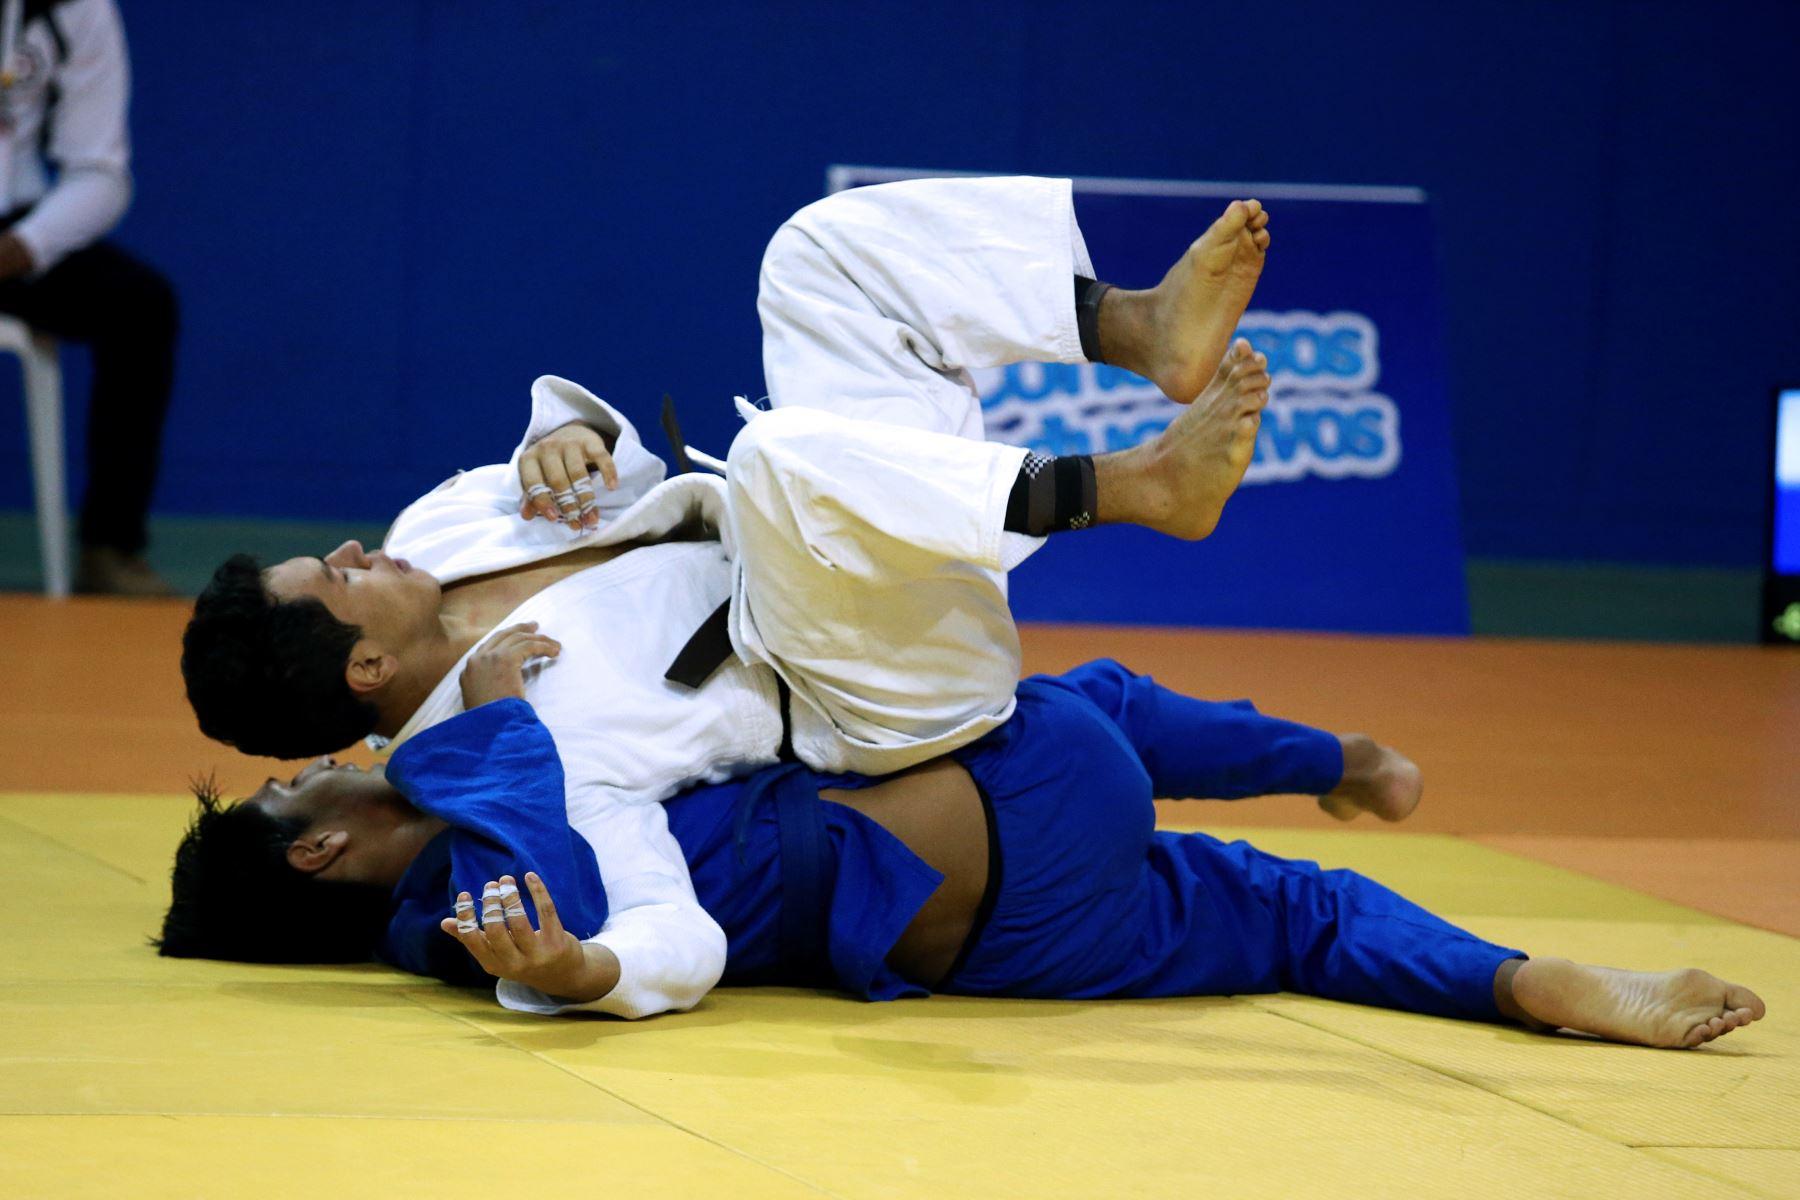 Guillermo Carril Argomedo del Colegio de Brian Aliaga disputa la pelea de Judo con David Quispe Quispe del Colegio de Puno por  los Juegos Deportivos Escolares Nacionales en el Coliseo Manuel Bonilla de Miraflores. Foto: ANDINA/Vidal Tarqui